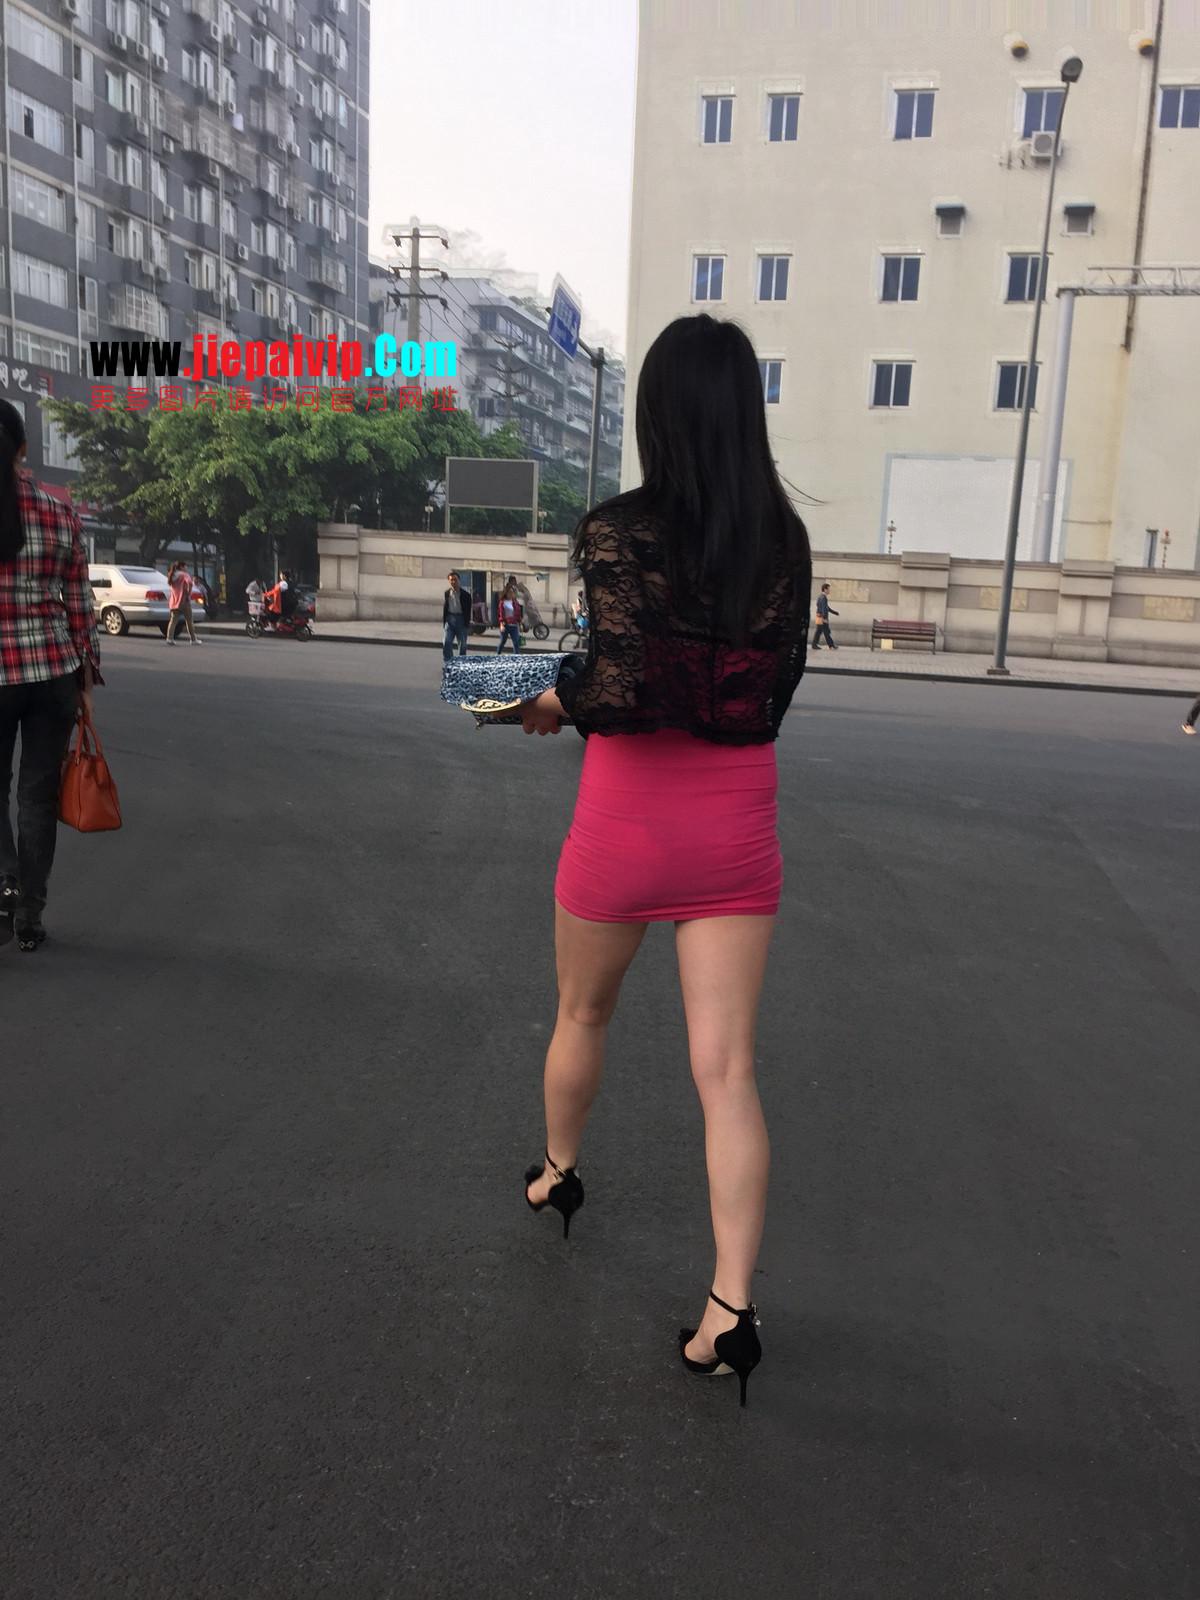 短裙紧裹,街拍极品粉裙性感美女36